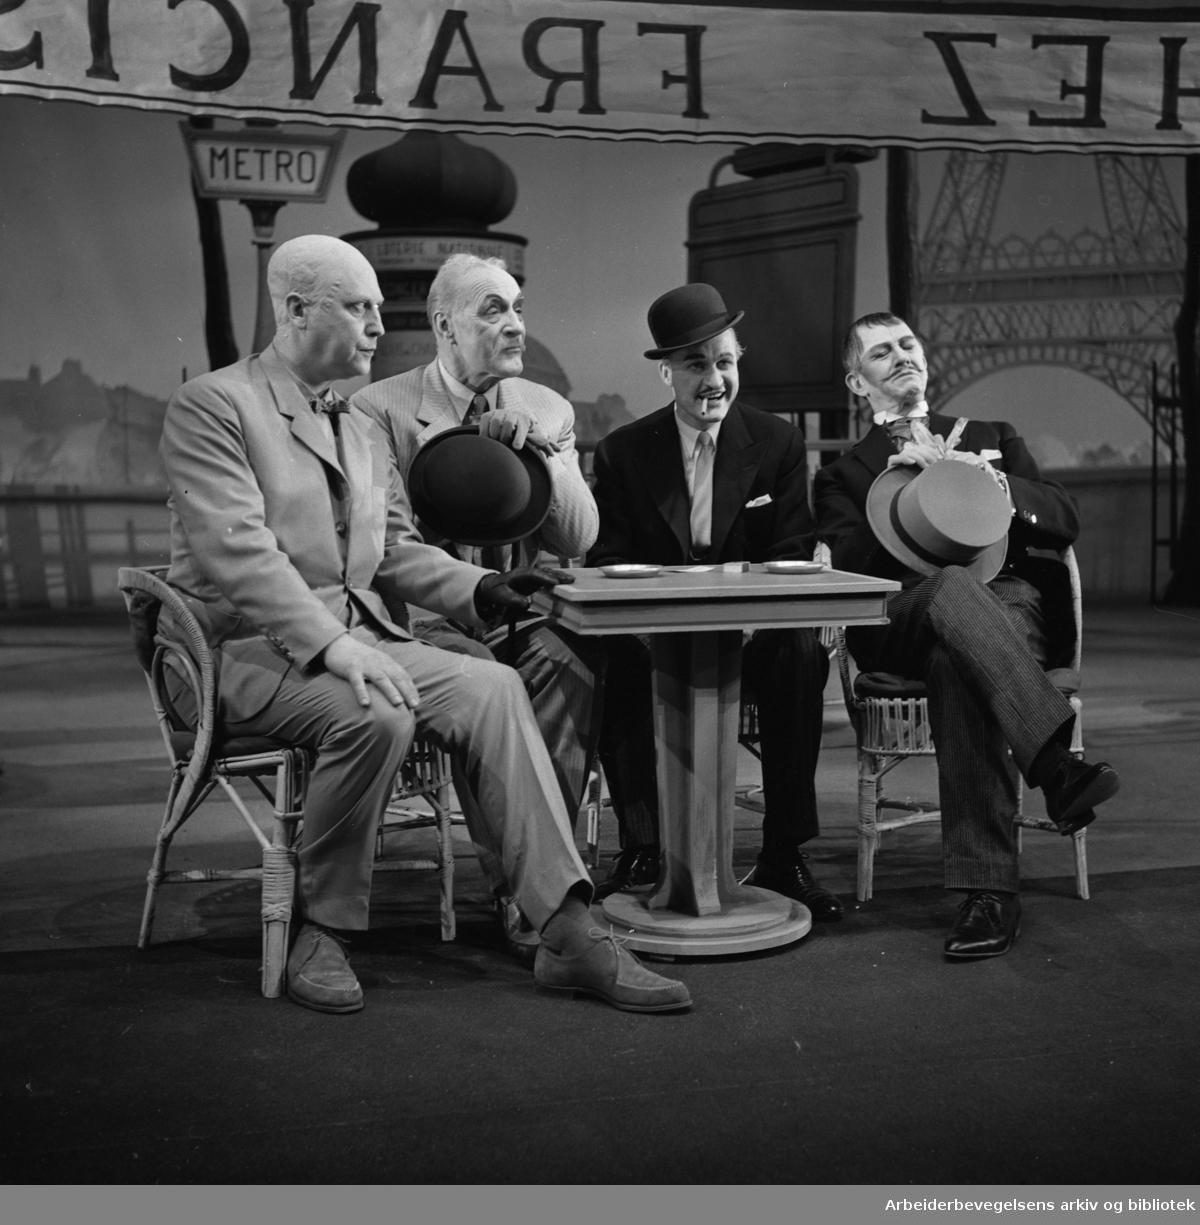 Nationaltheatret. Hovedscenen..DEN GALE FRA CHAILLOT av Jean Giraudoux. .Premiere 28.02.1963..Medvirkende: Gry Enger, Gisle Straume, Kolbjørn Buøen, Alfred Maurstad, Lillebil Ibsen, Gerhard Bjelland, Wilfred Breistrand, Aase Bye o. a.